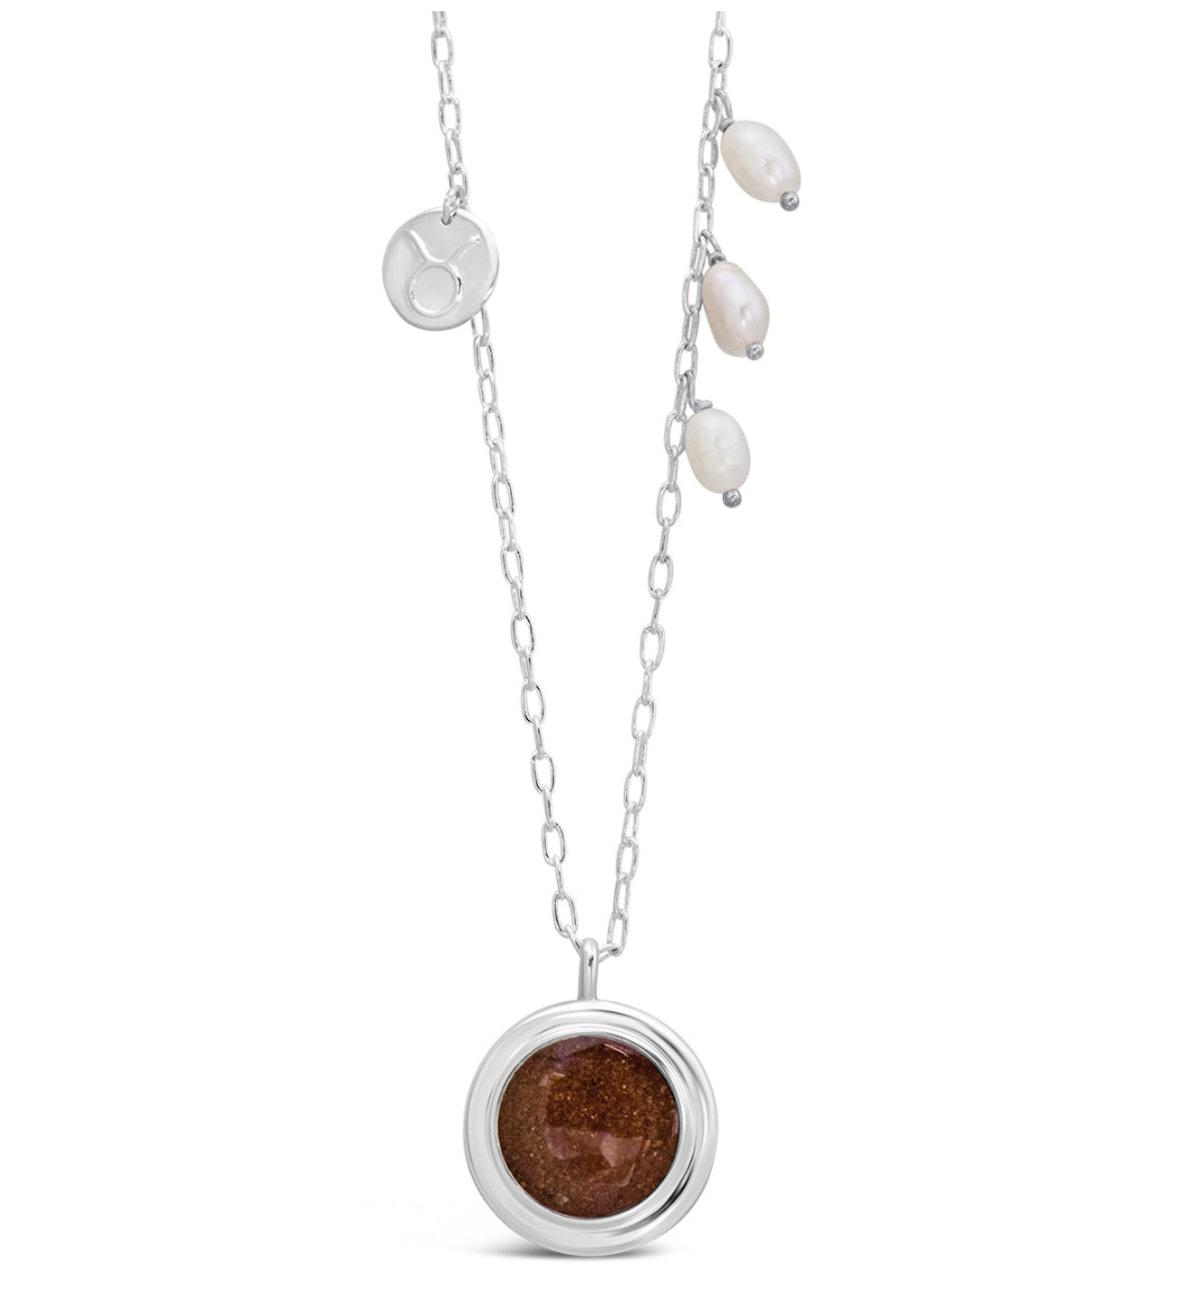 Dune Jewelry & Co. Zodiac Necklace